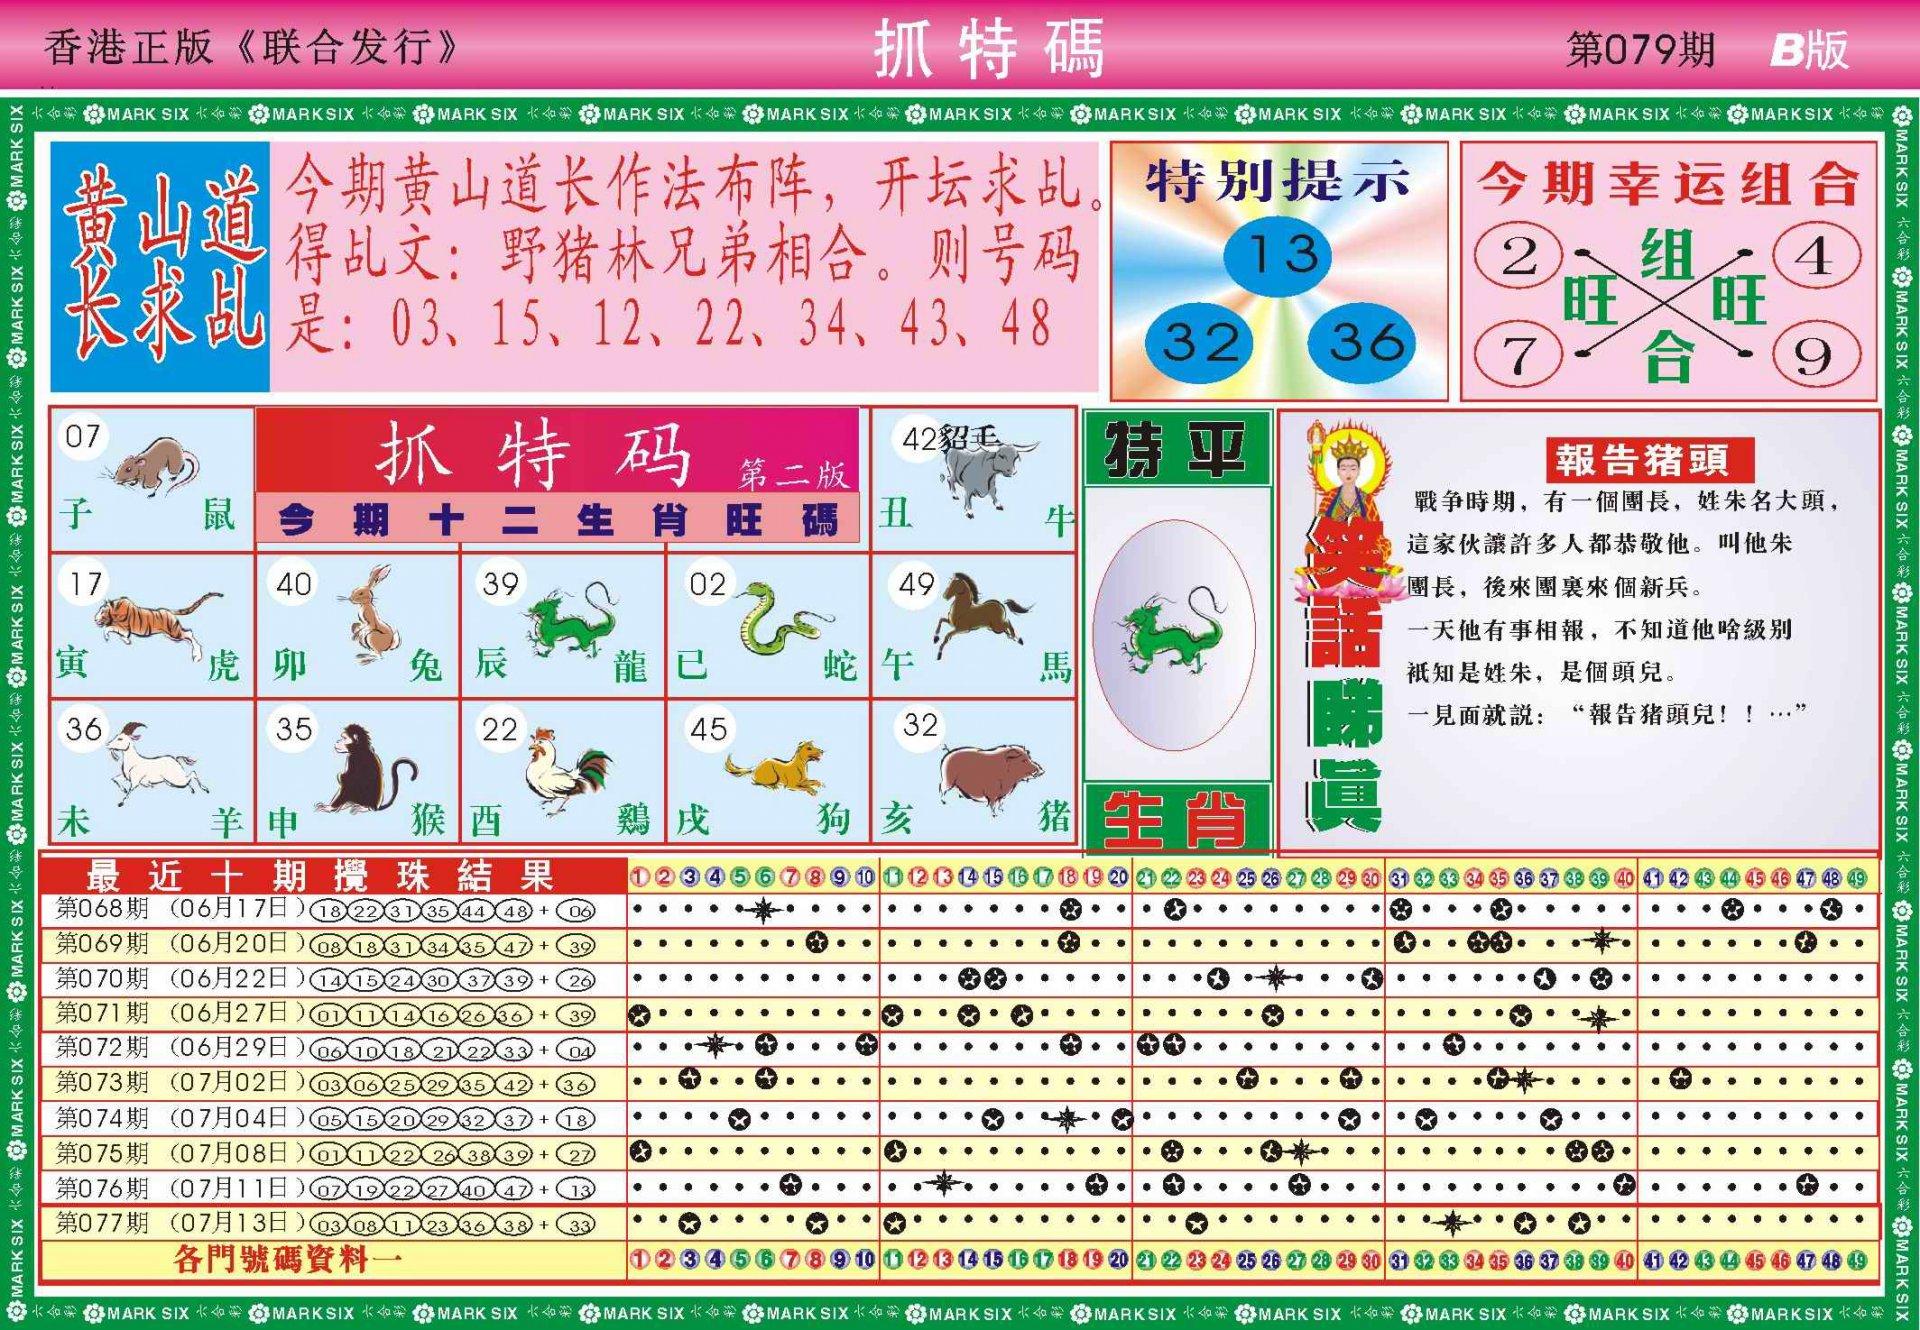 079期118抓特码B(新图)